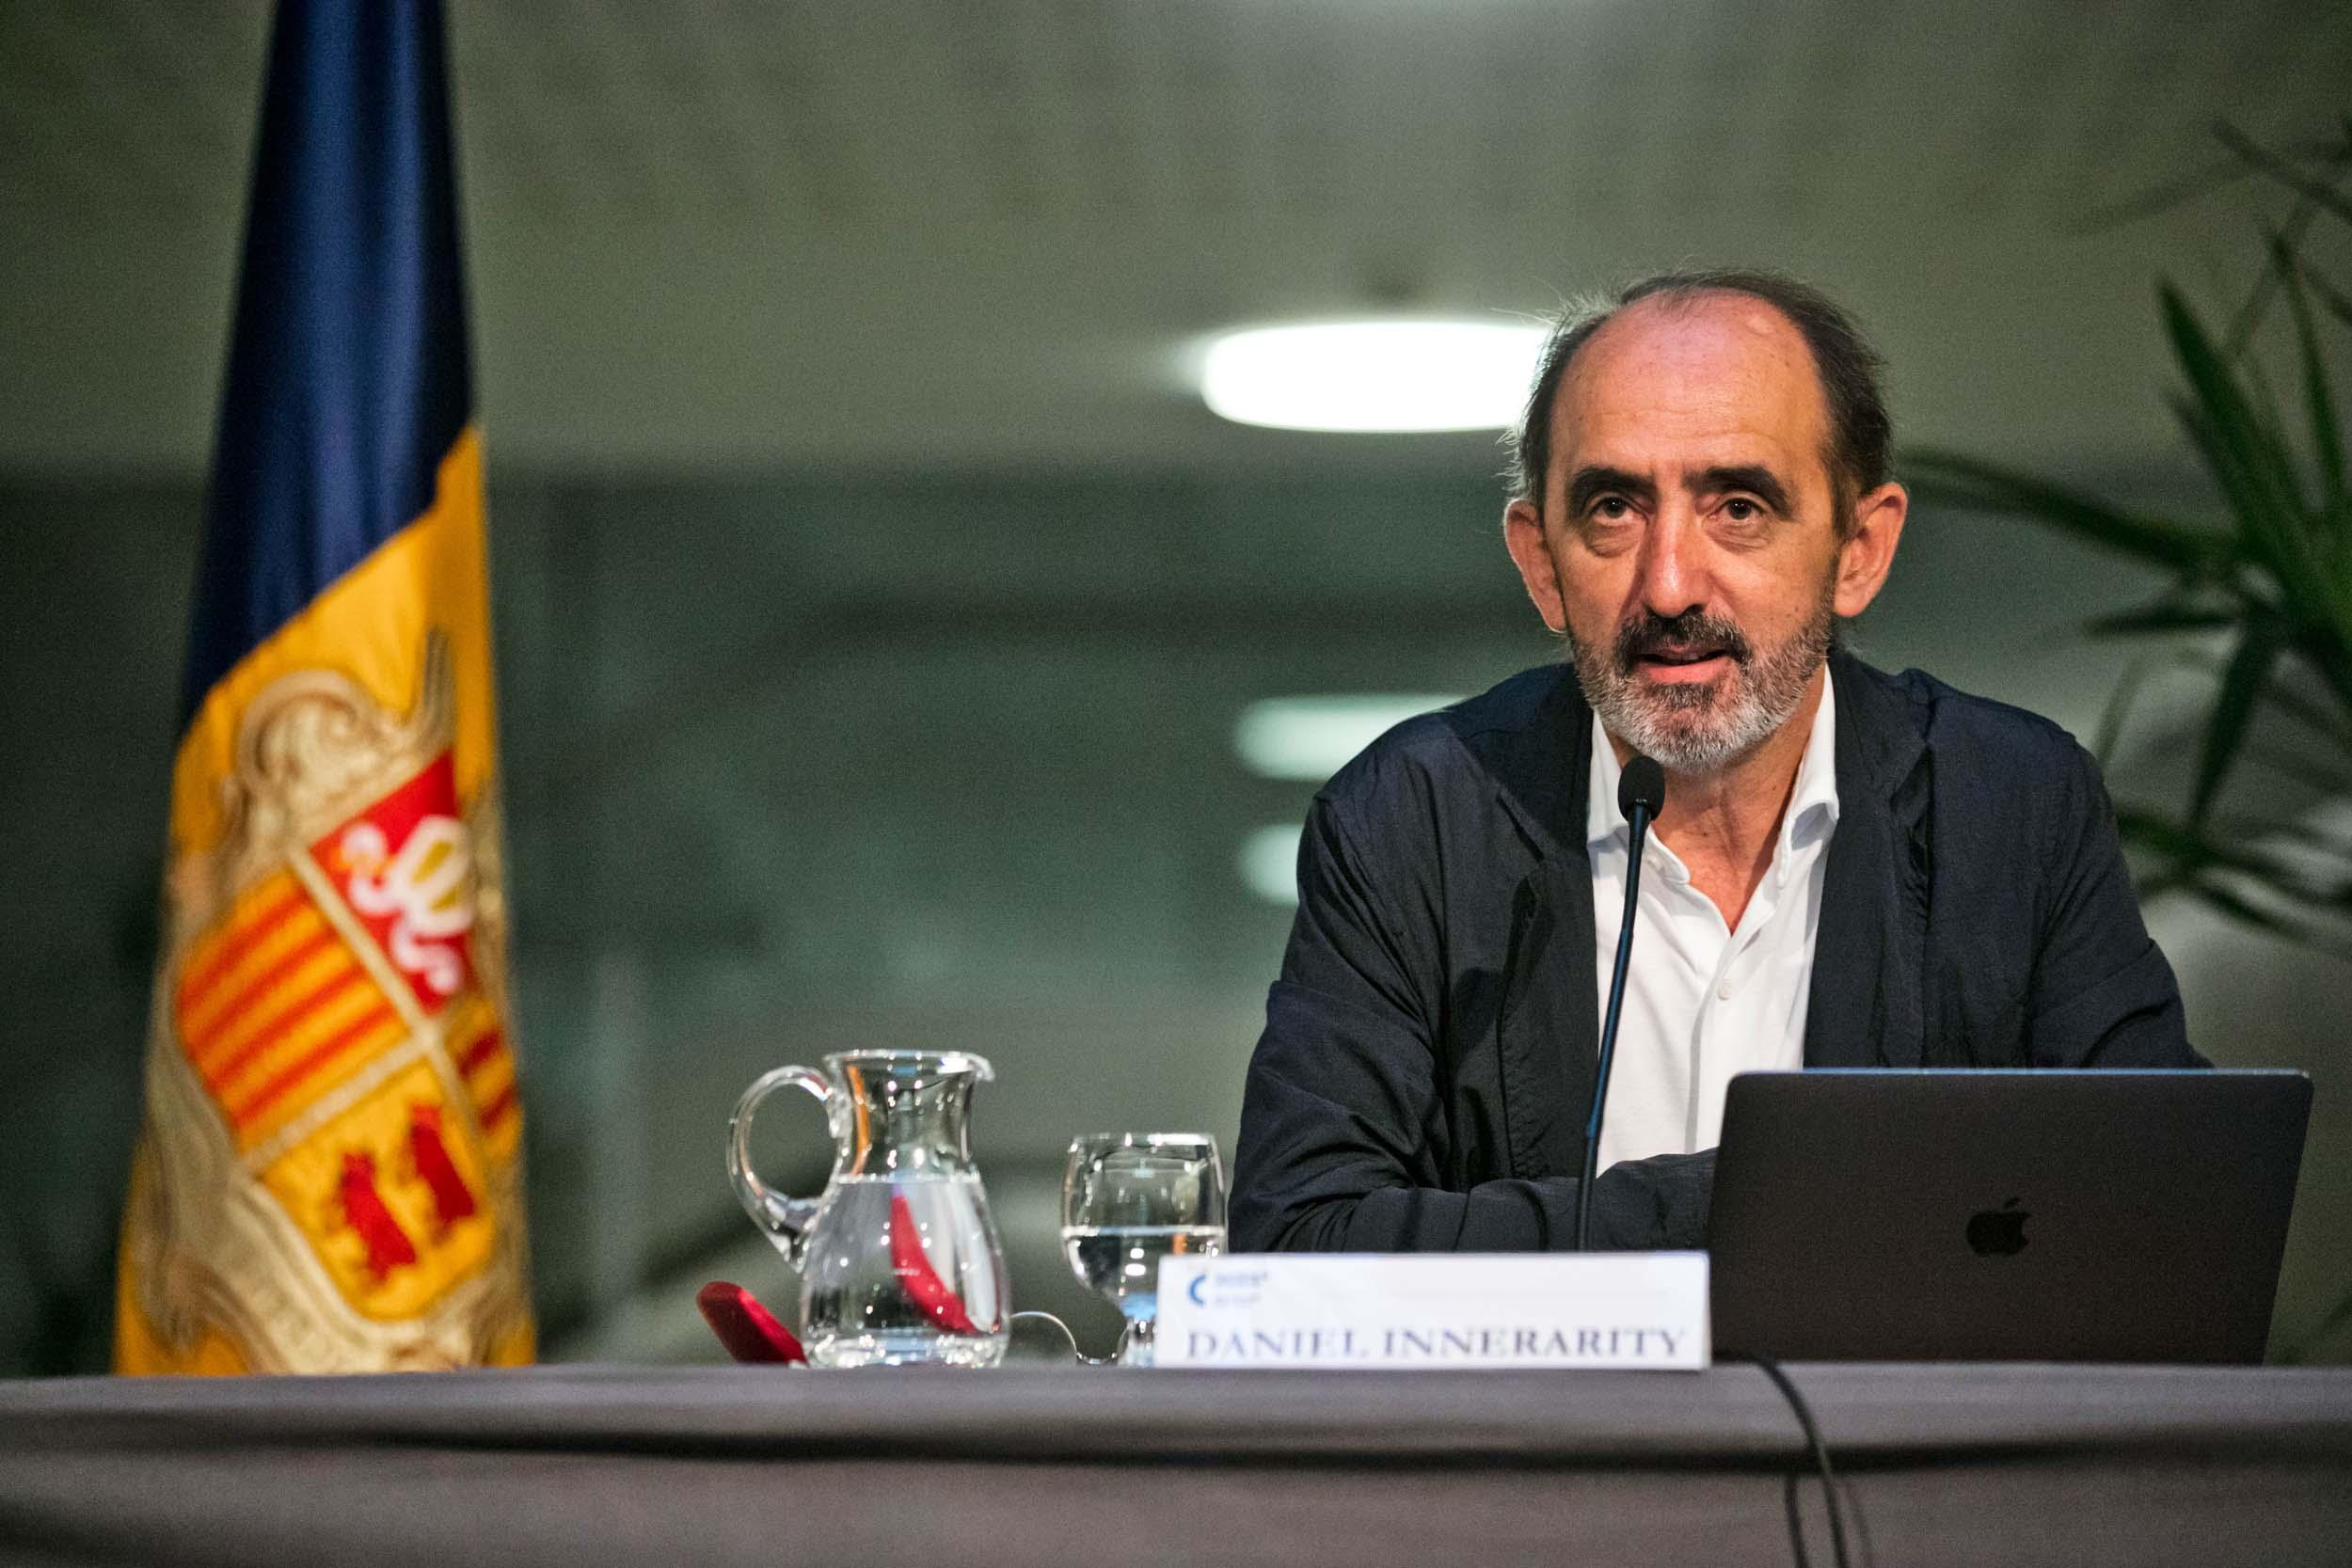 Conferència 'Governança sostenible: la configuració política del futur'